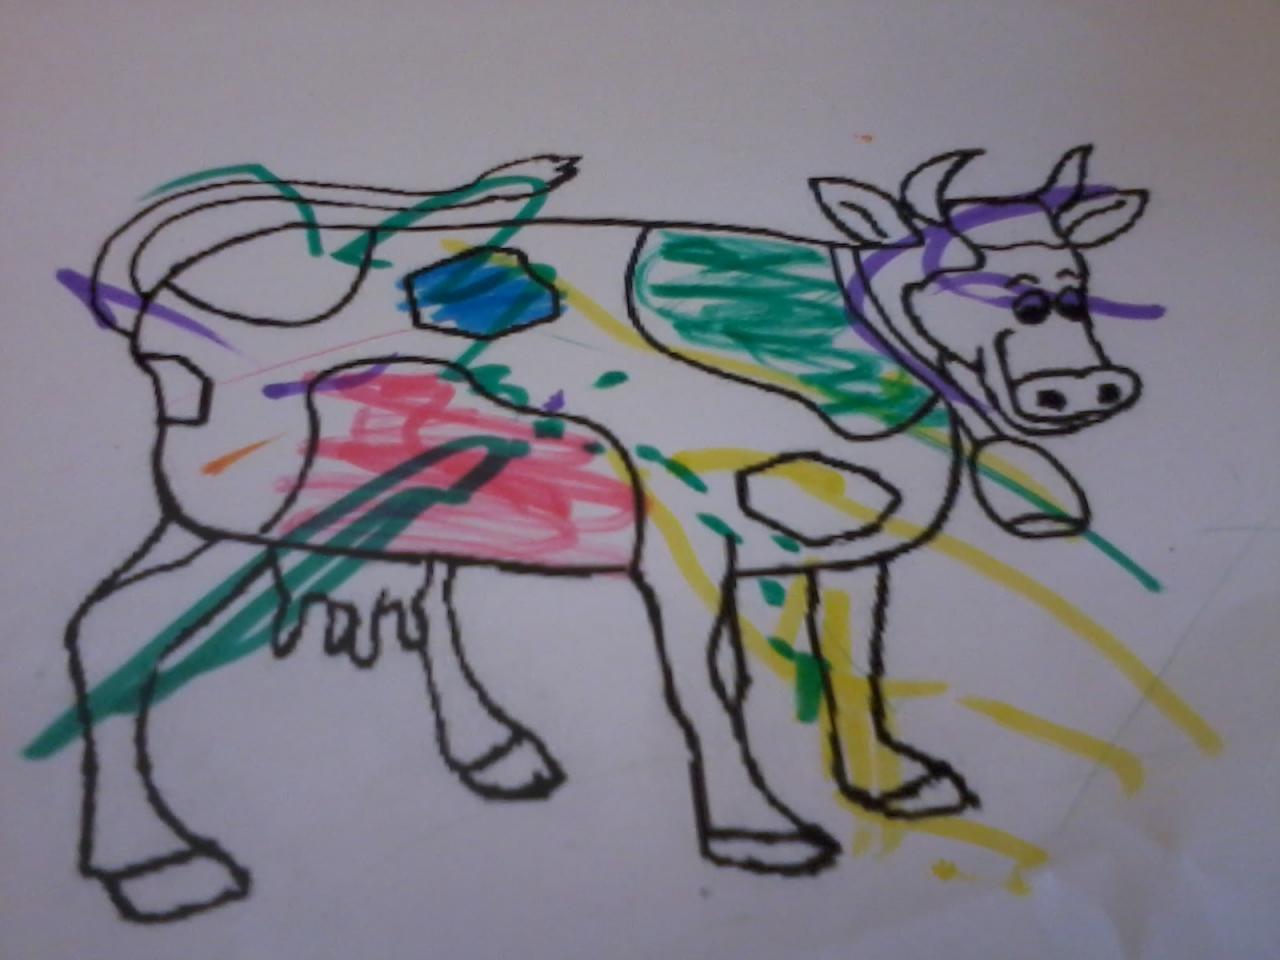 Orion à la ferme - coloriage d'une vache